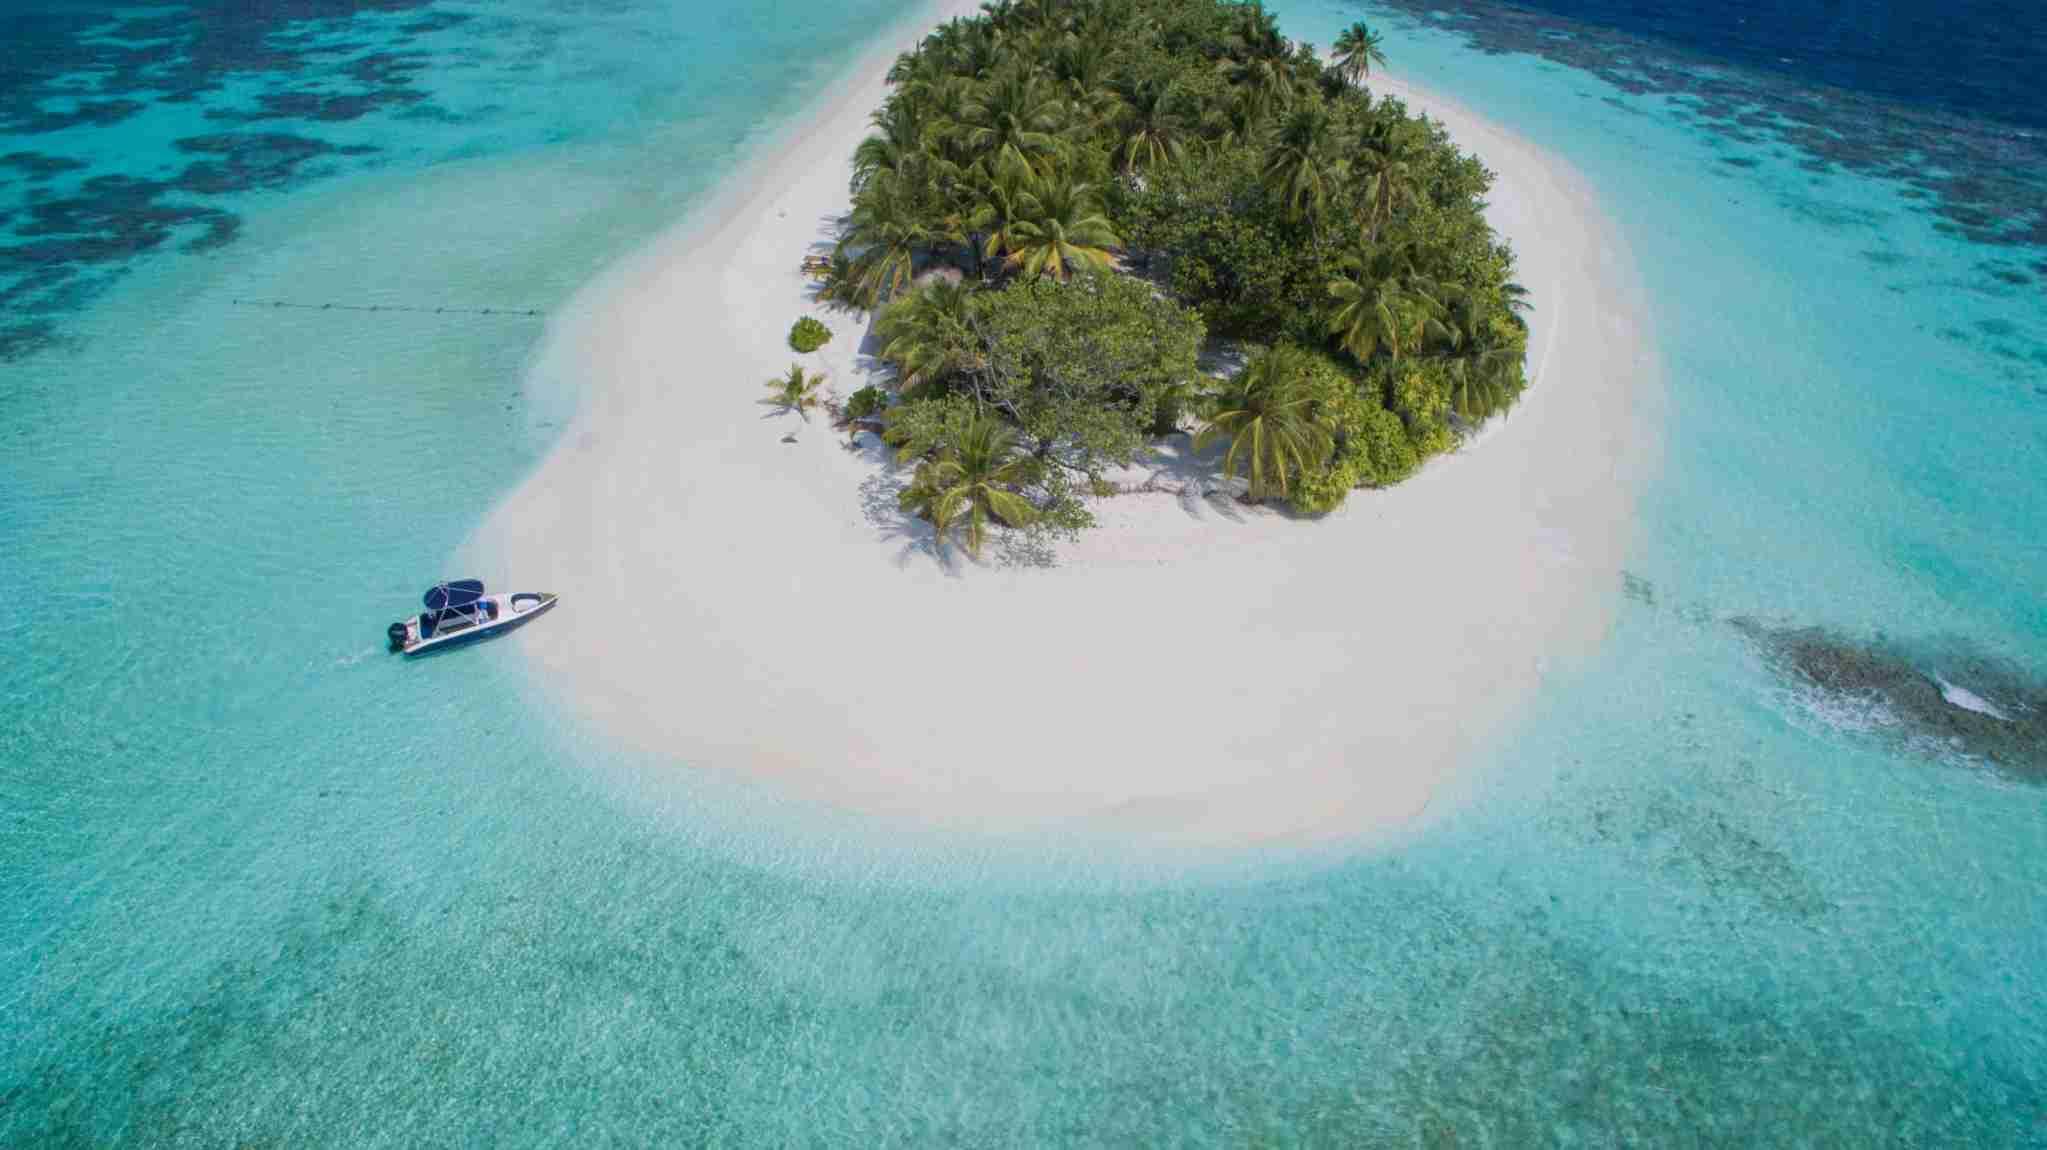 Image courtesty of W Maldives